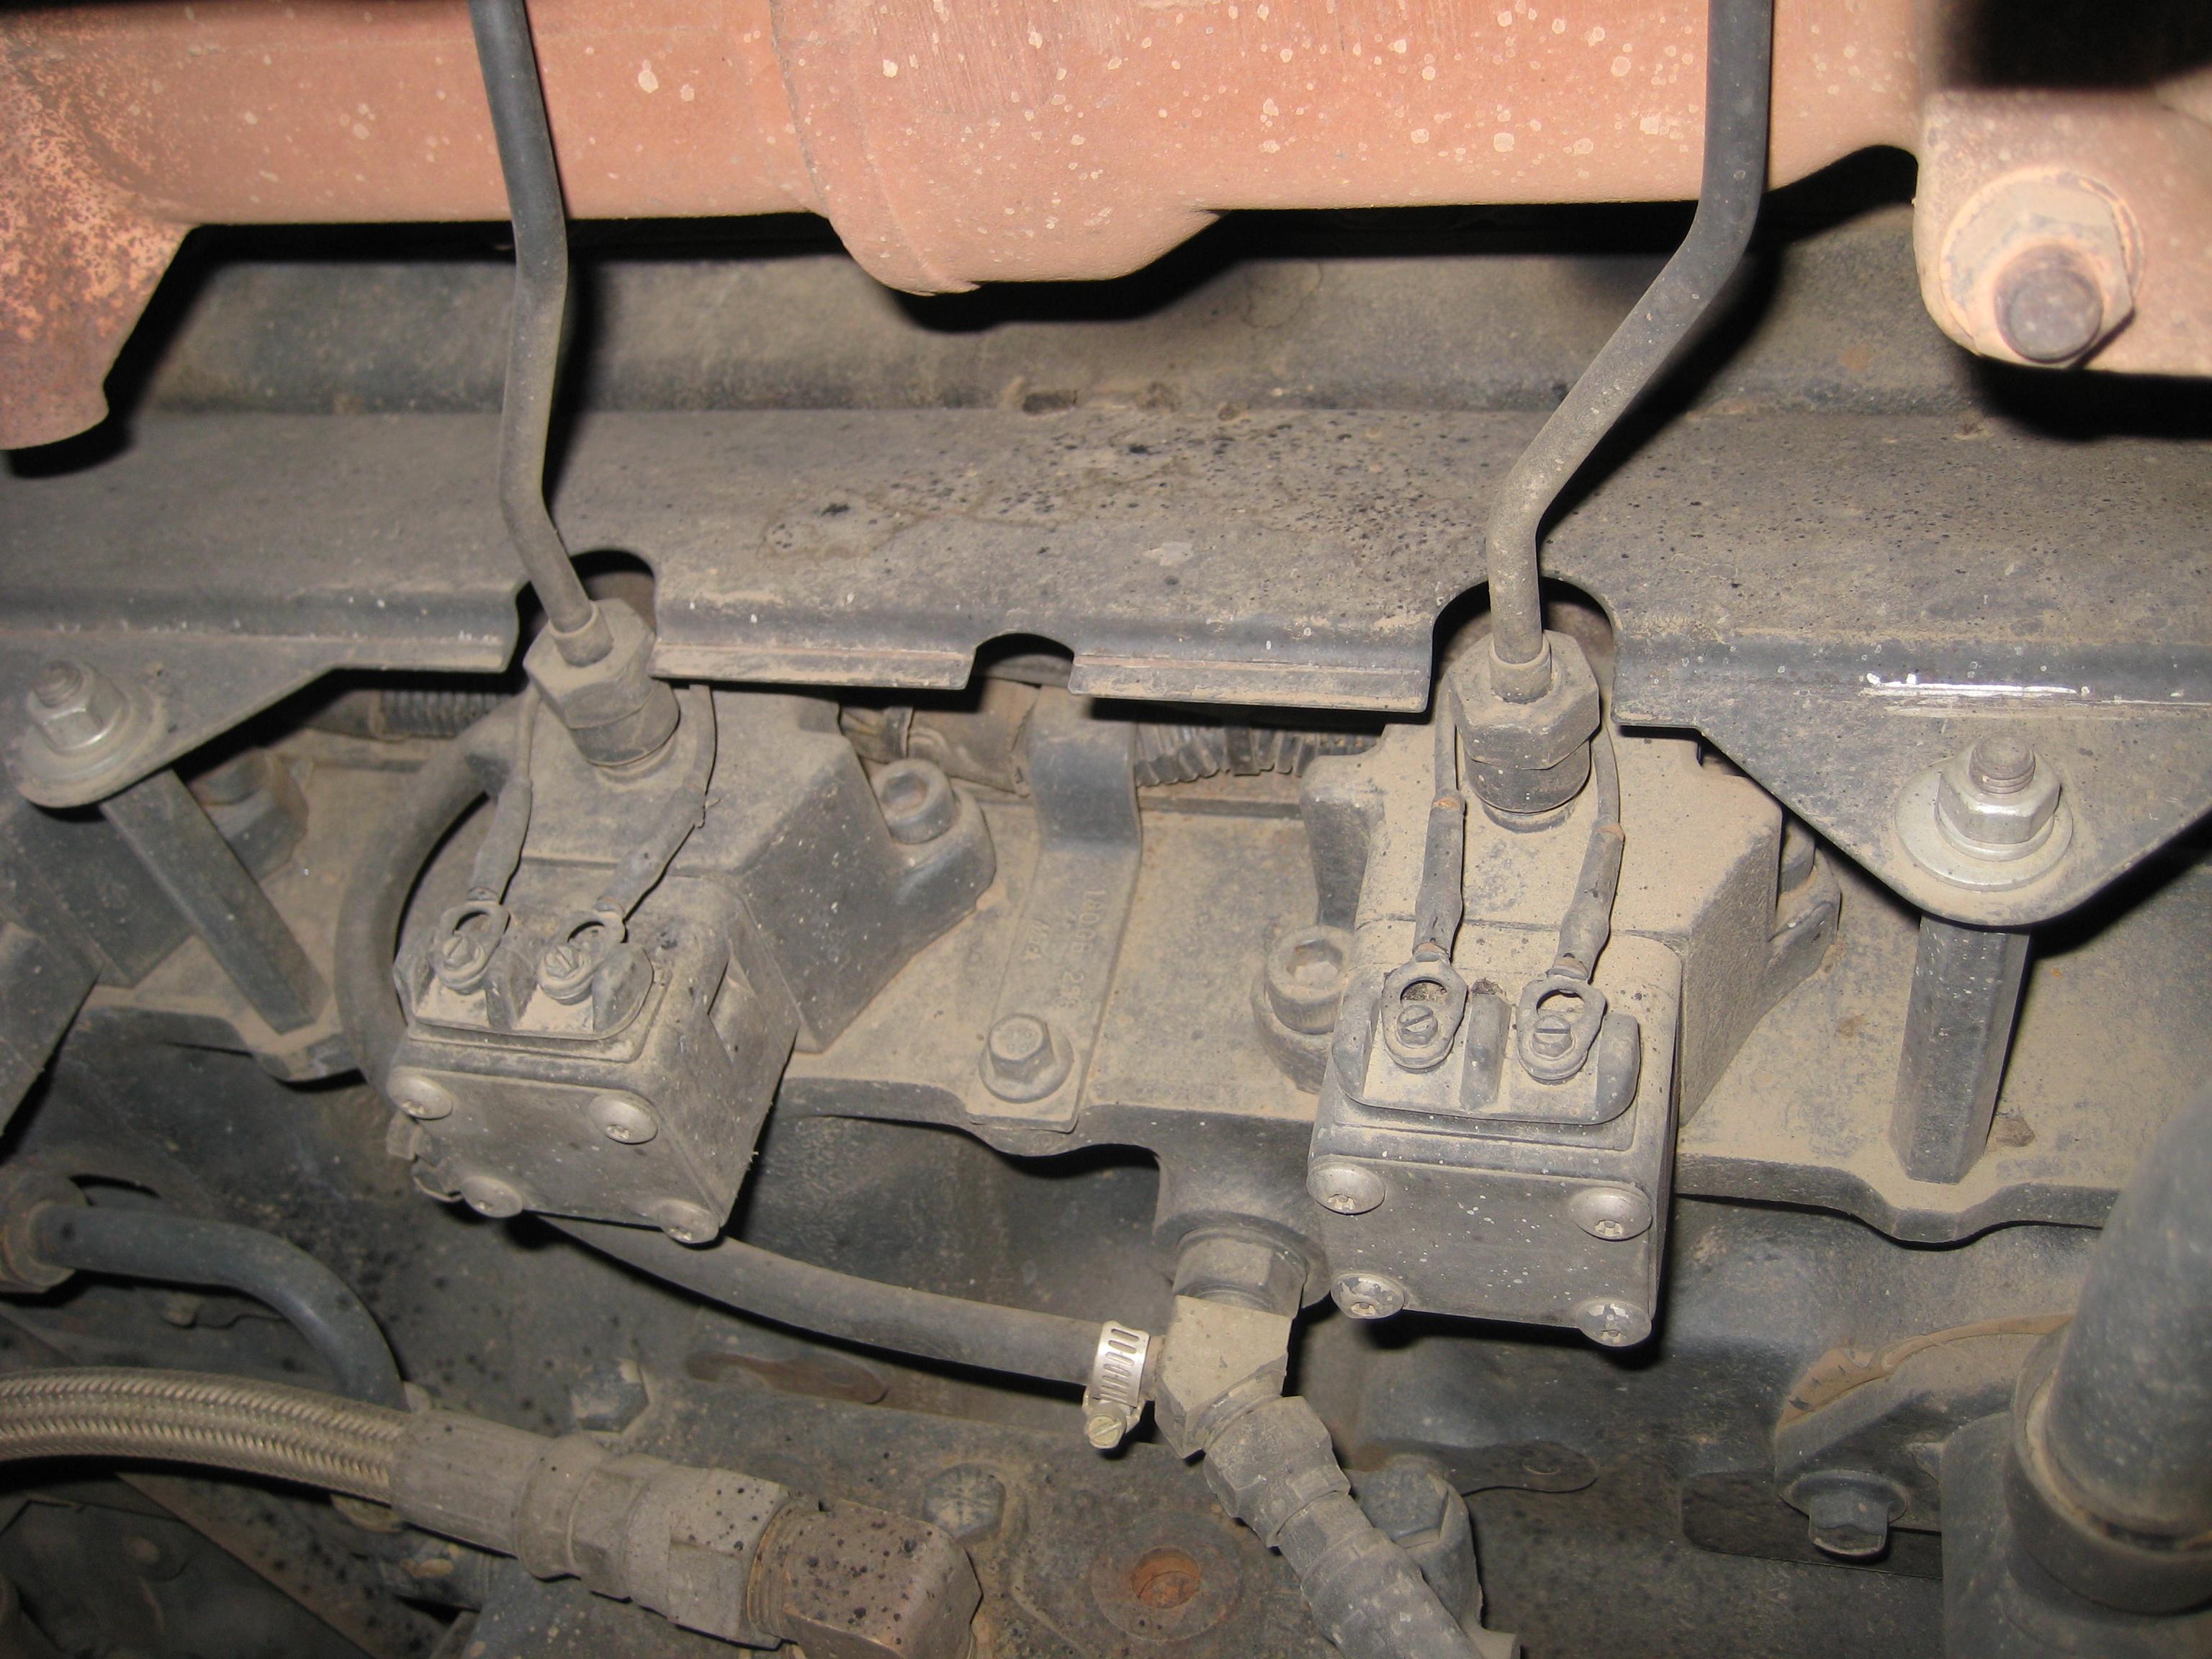 Unit pump - Wikipedia